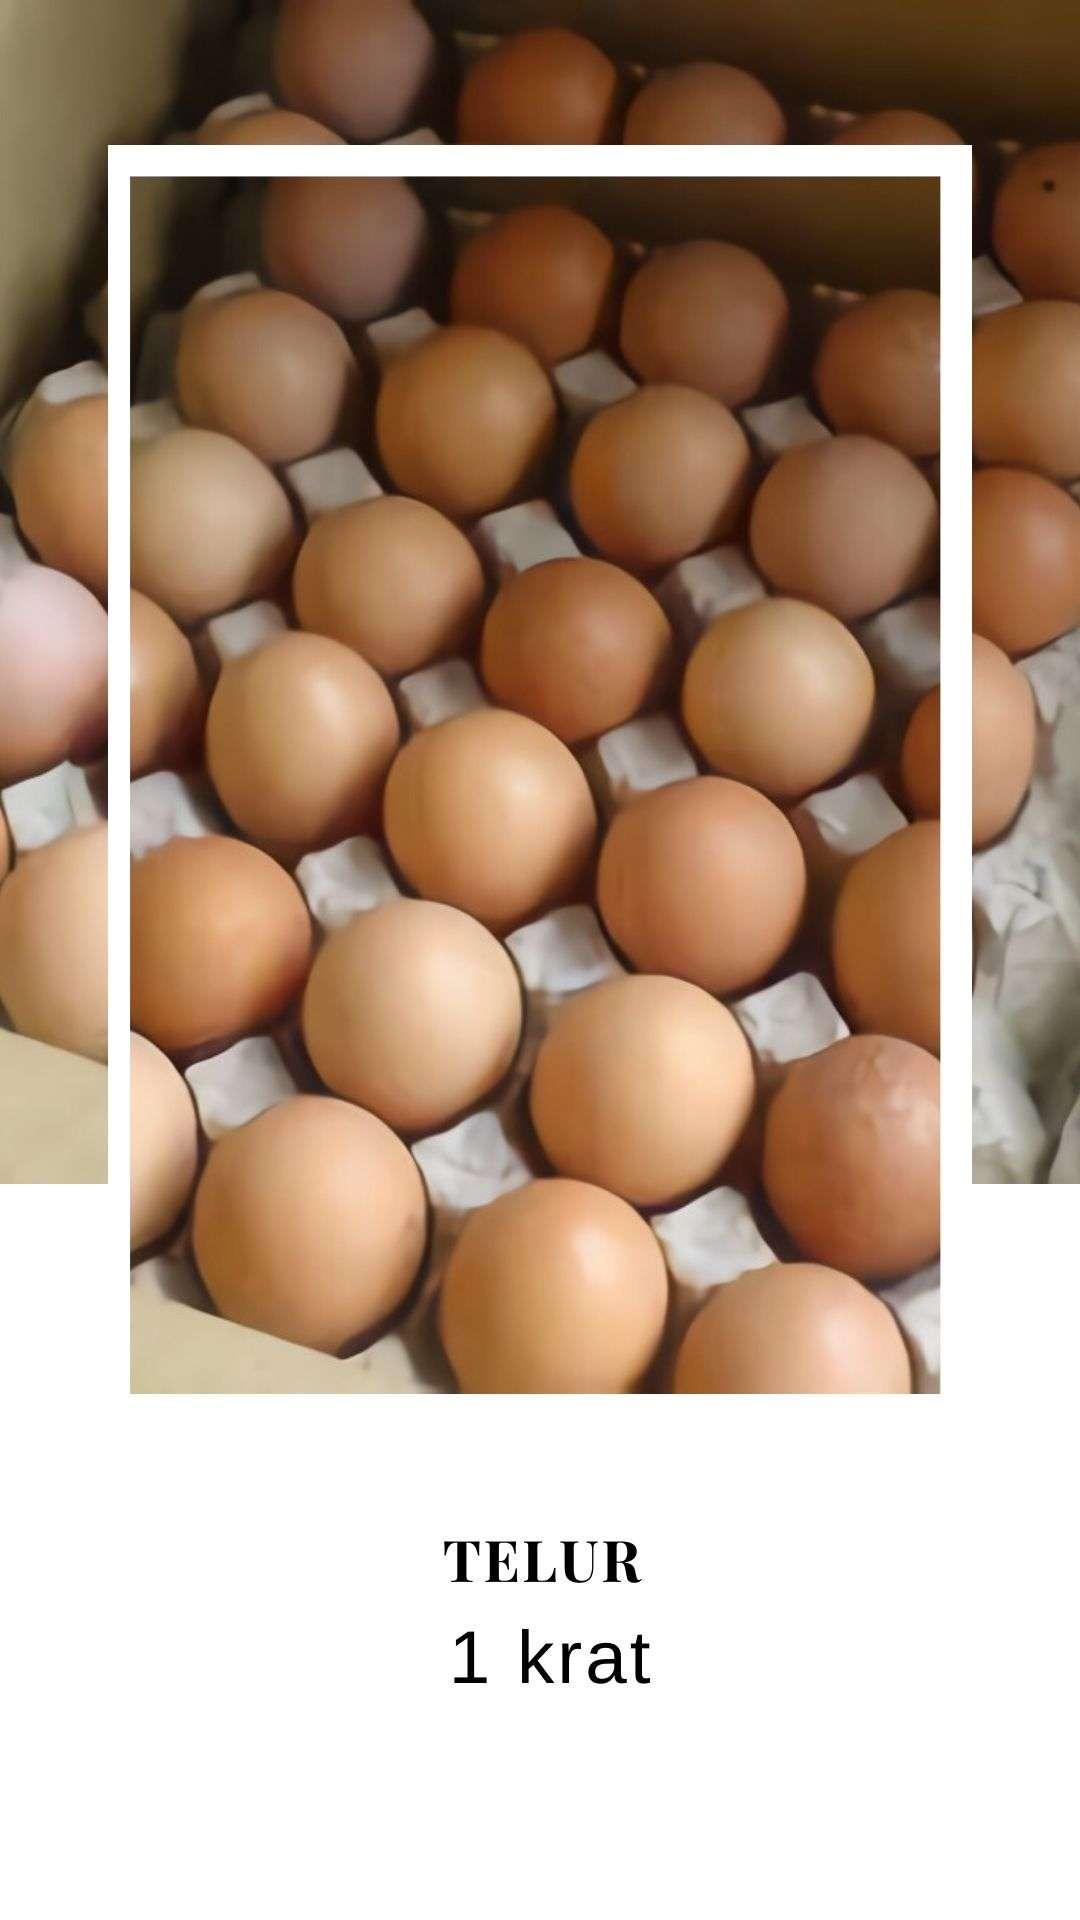 Masak telur di rumah